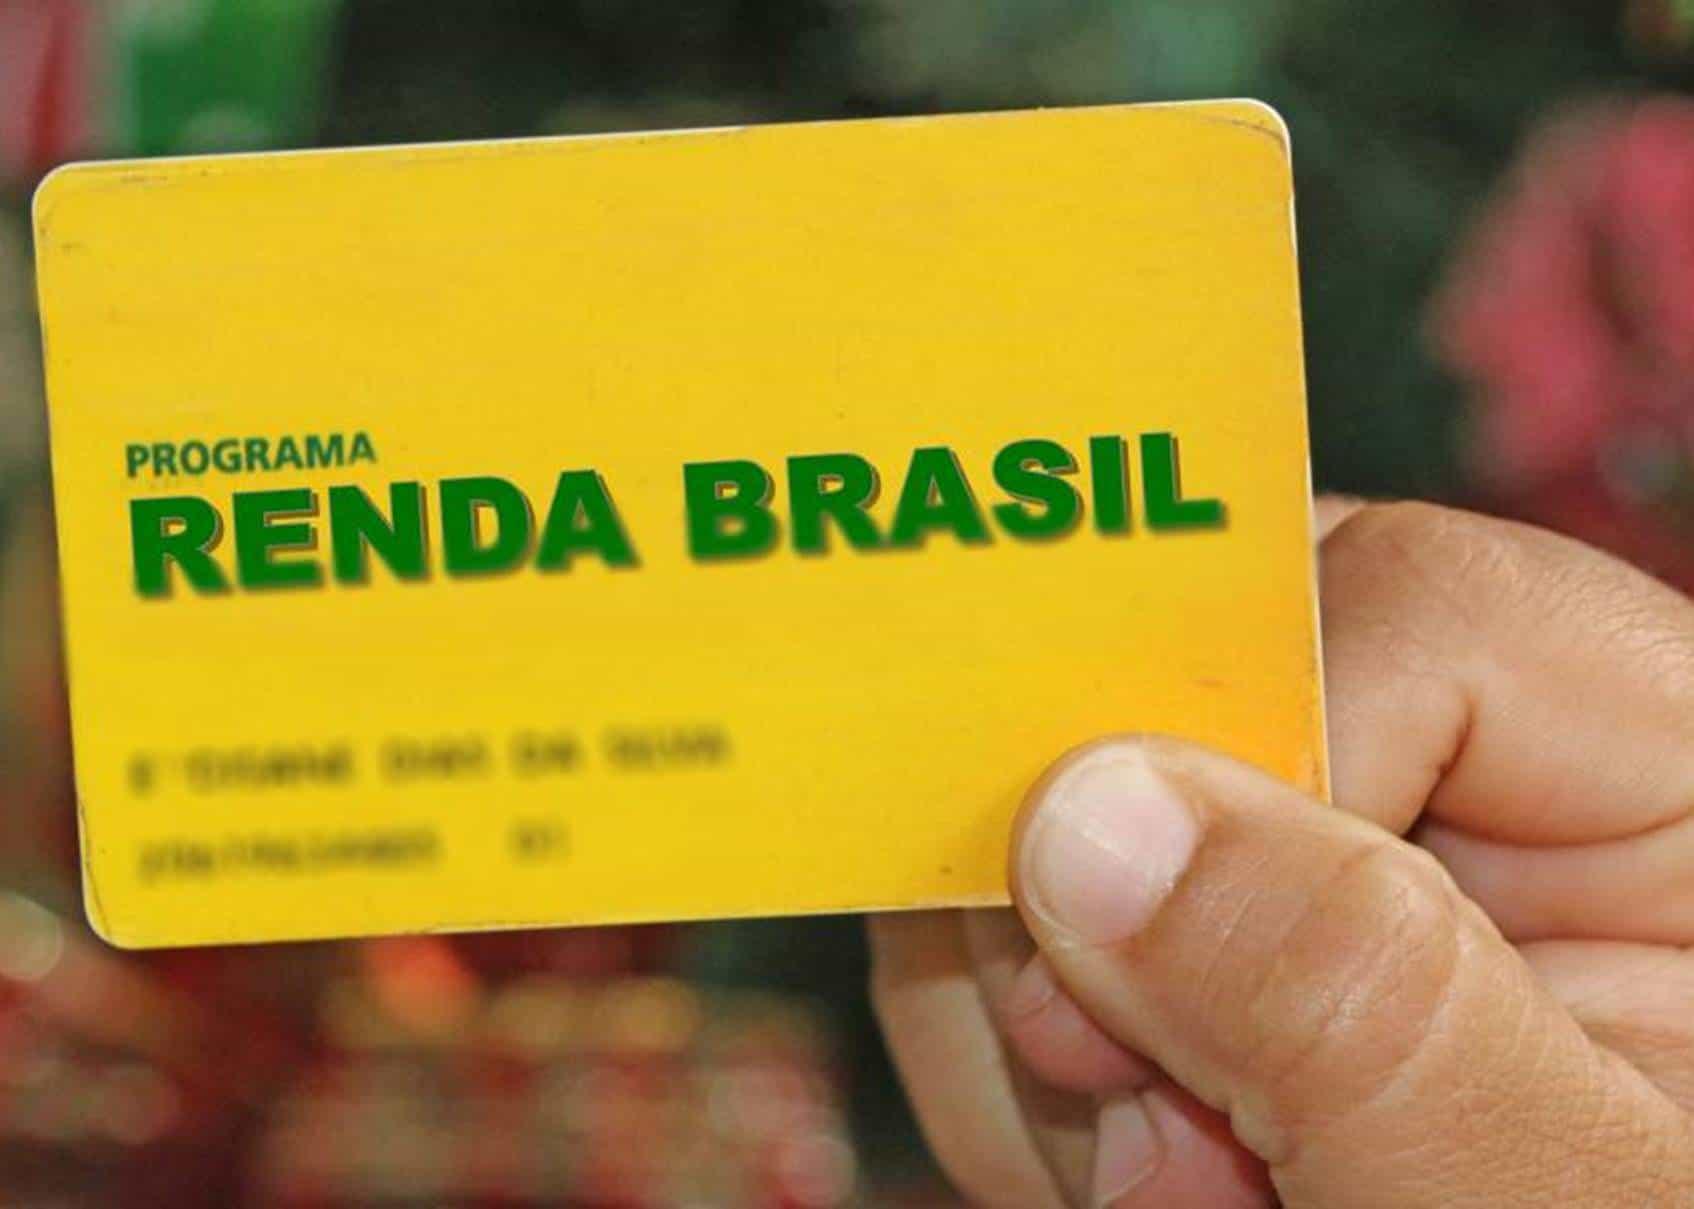 Auxílio-creche: Veja valor do voucher que Guedes quer criar no Renda Brasil